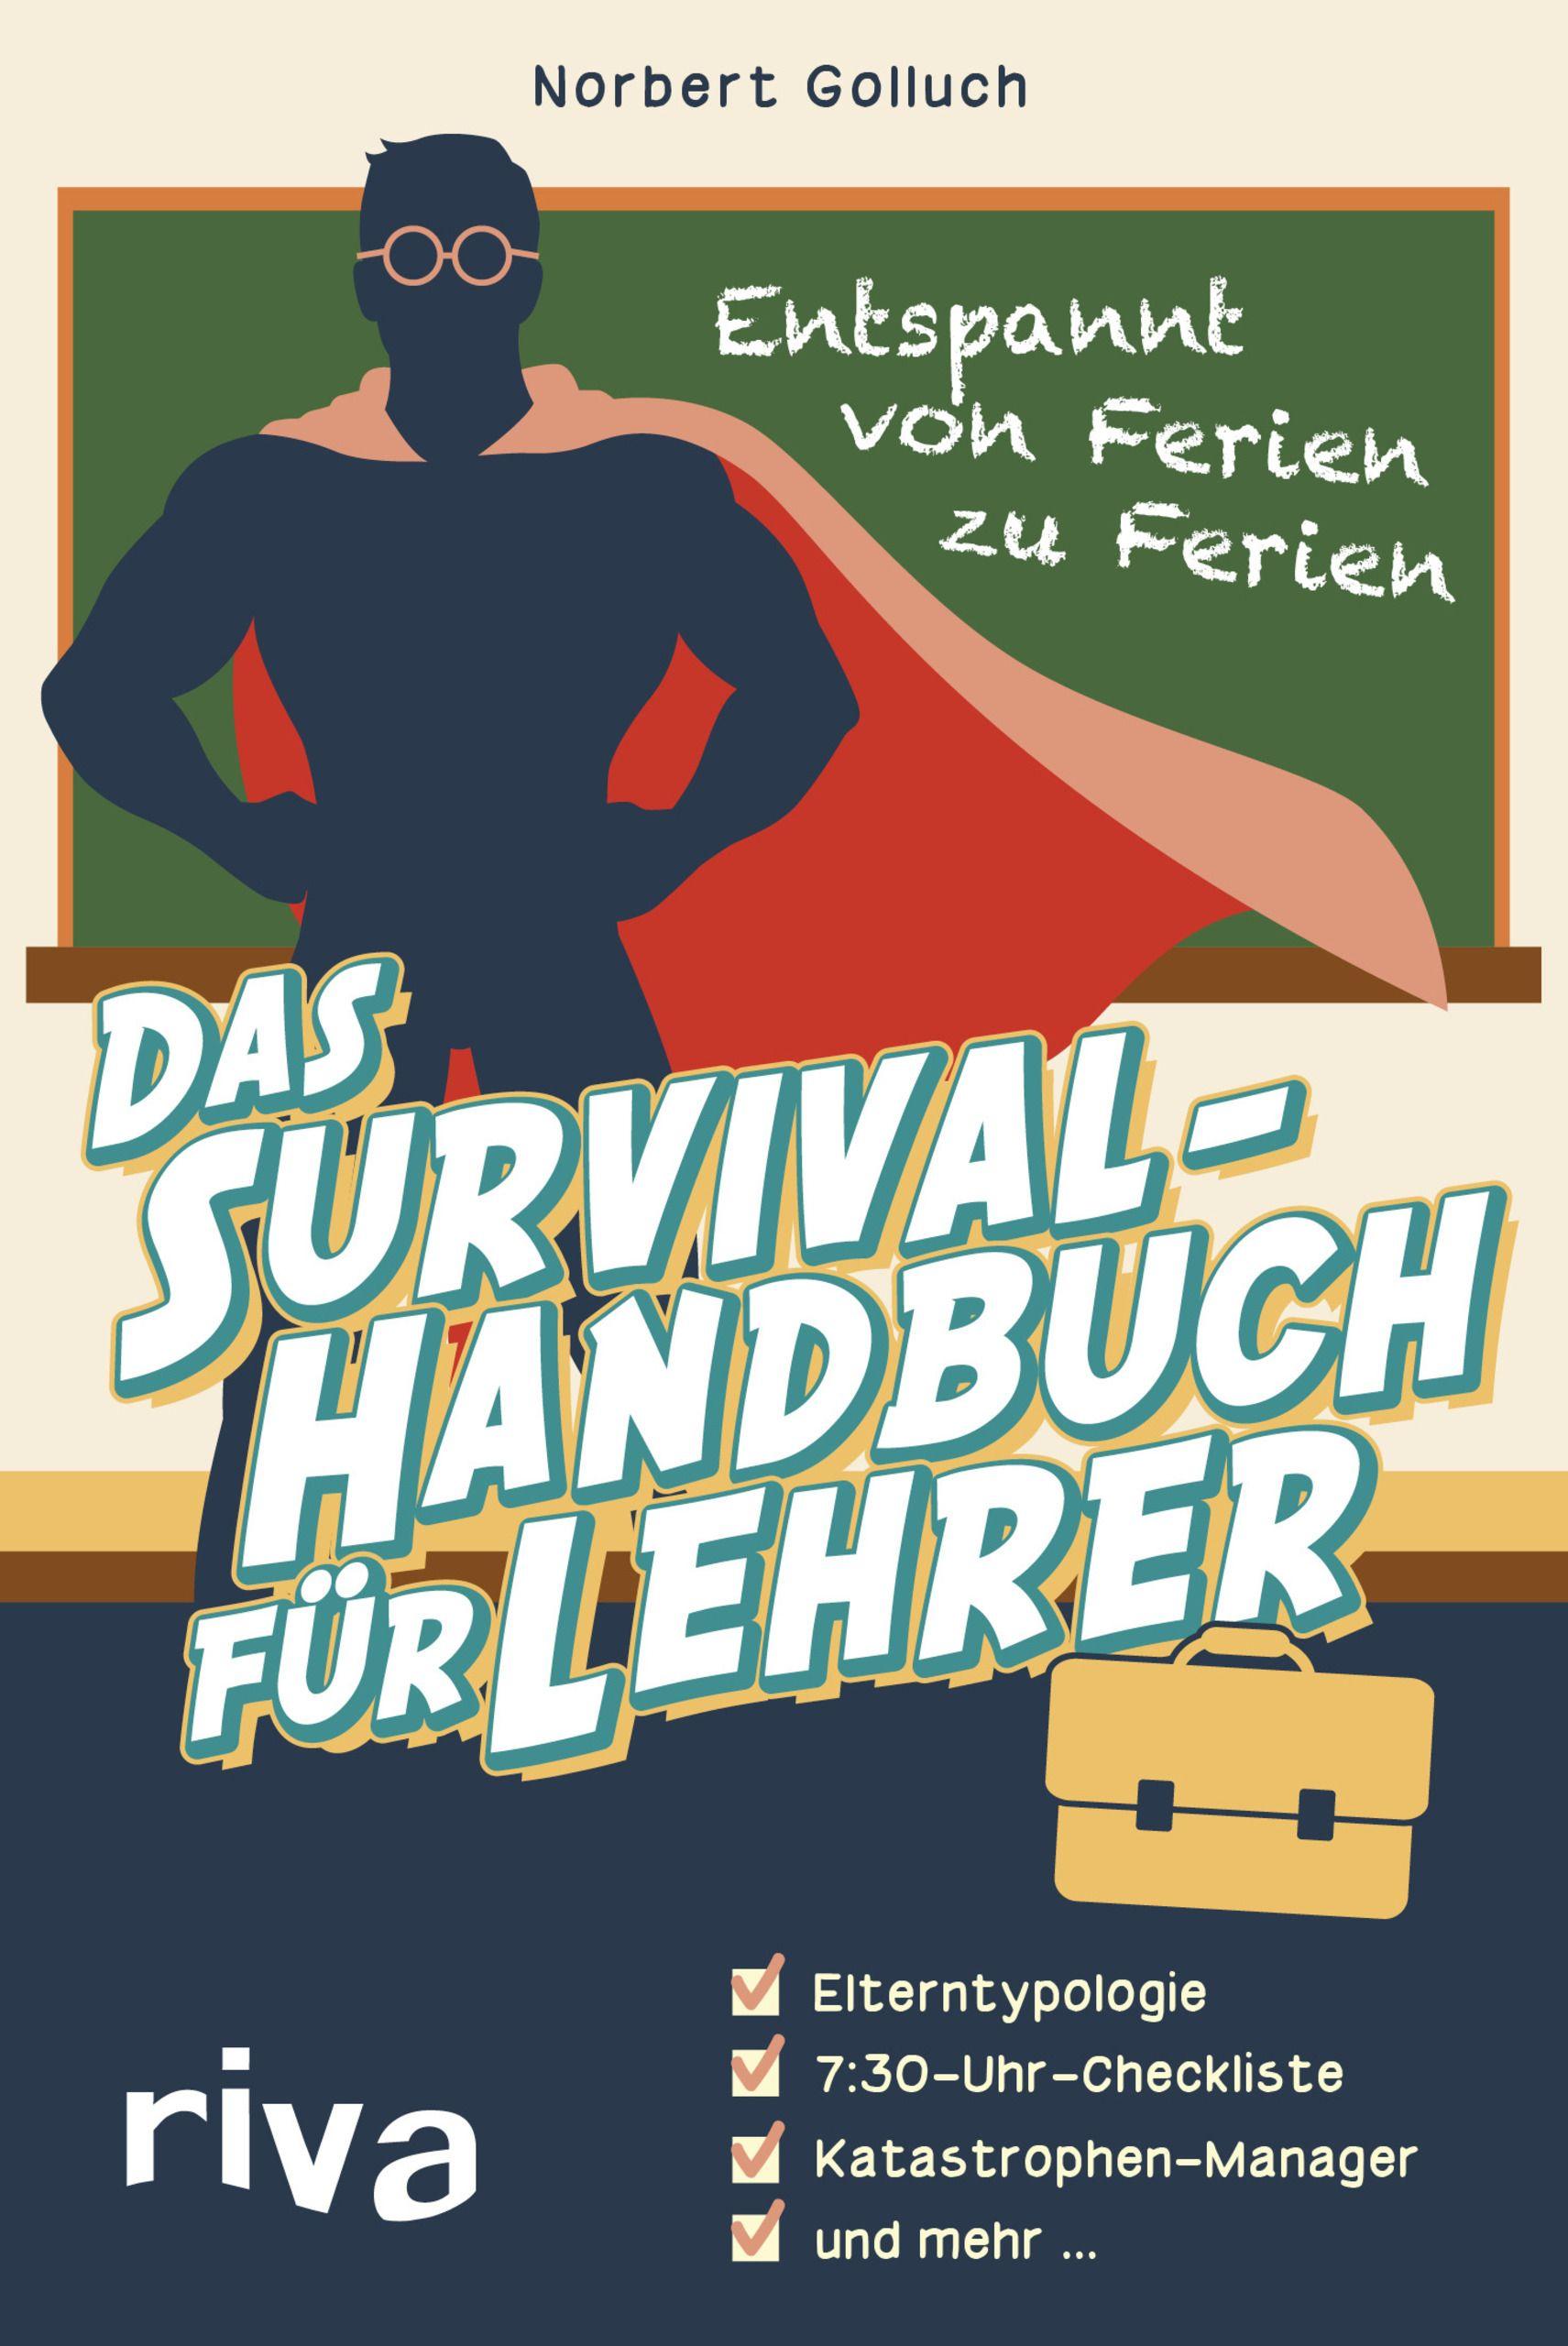 Das Survival-Handbuch für Lehrer von Golluch, Norbert: Entspannt von